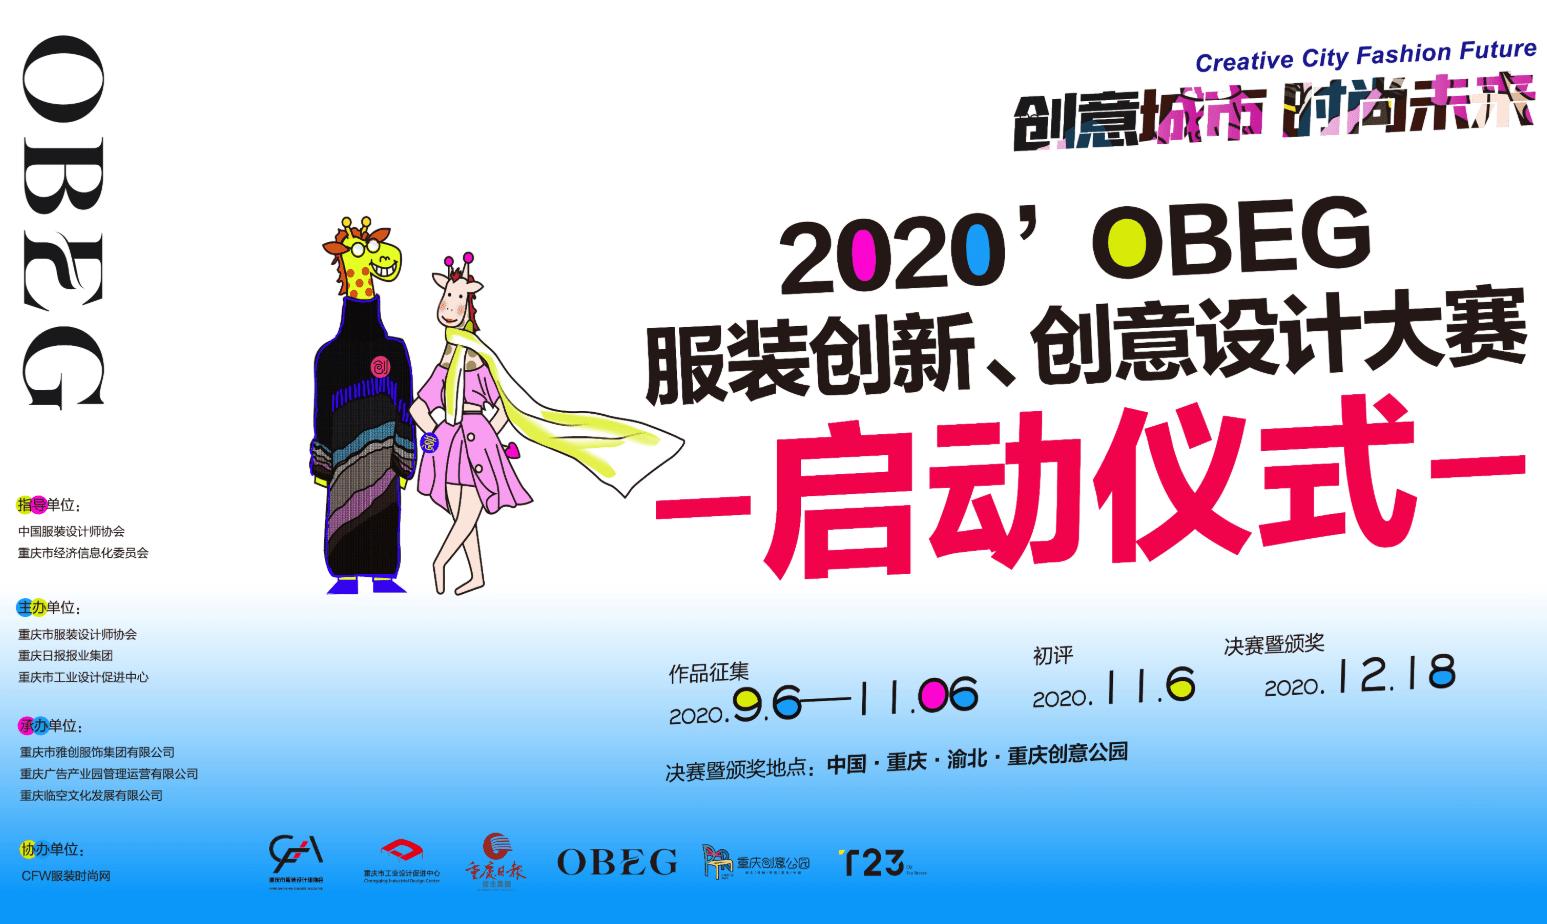 创意城市!2020 OBEG服装创新创意设计大赛盛大启动